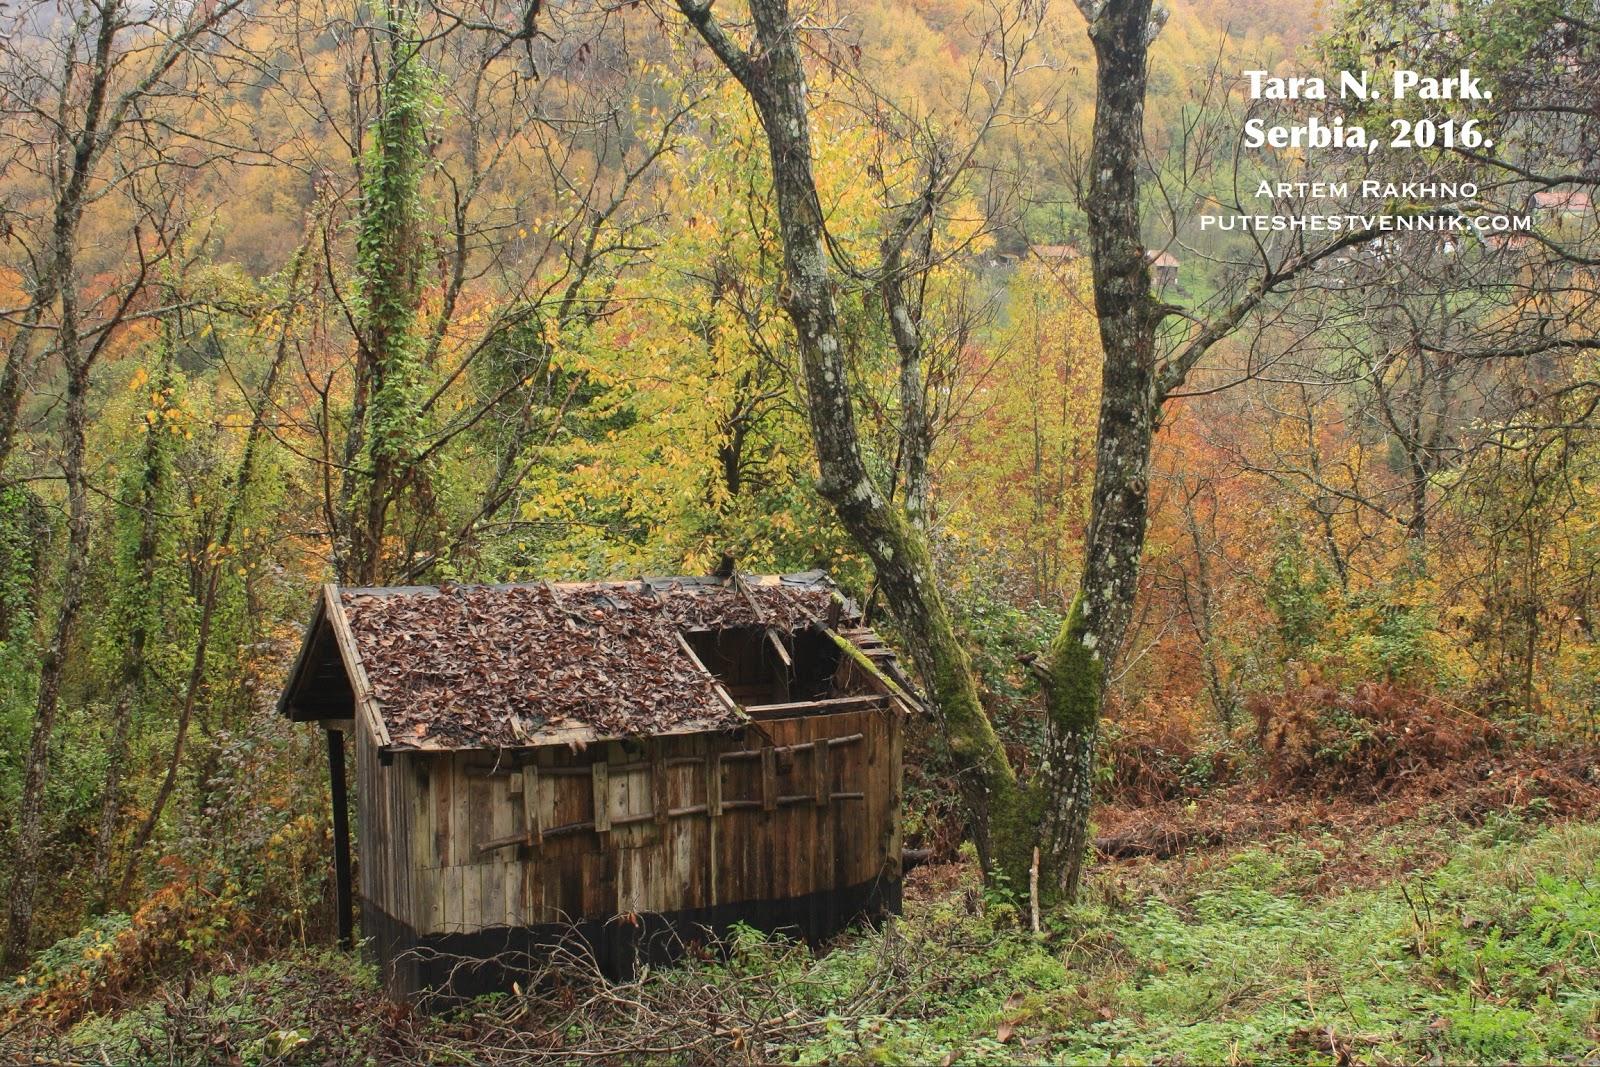 Постройка со сломанной крышей в осеннем лесу